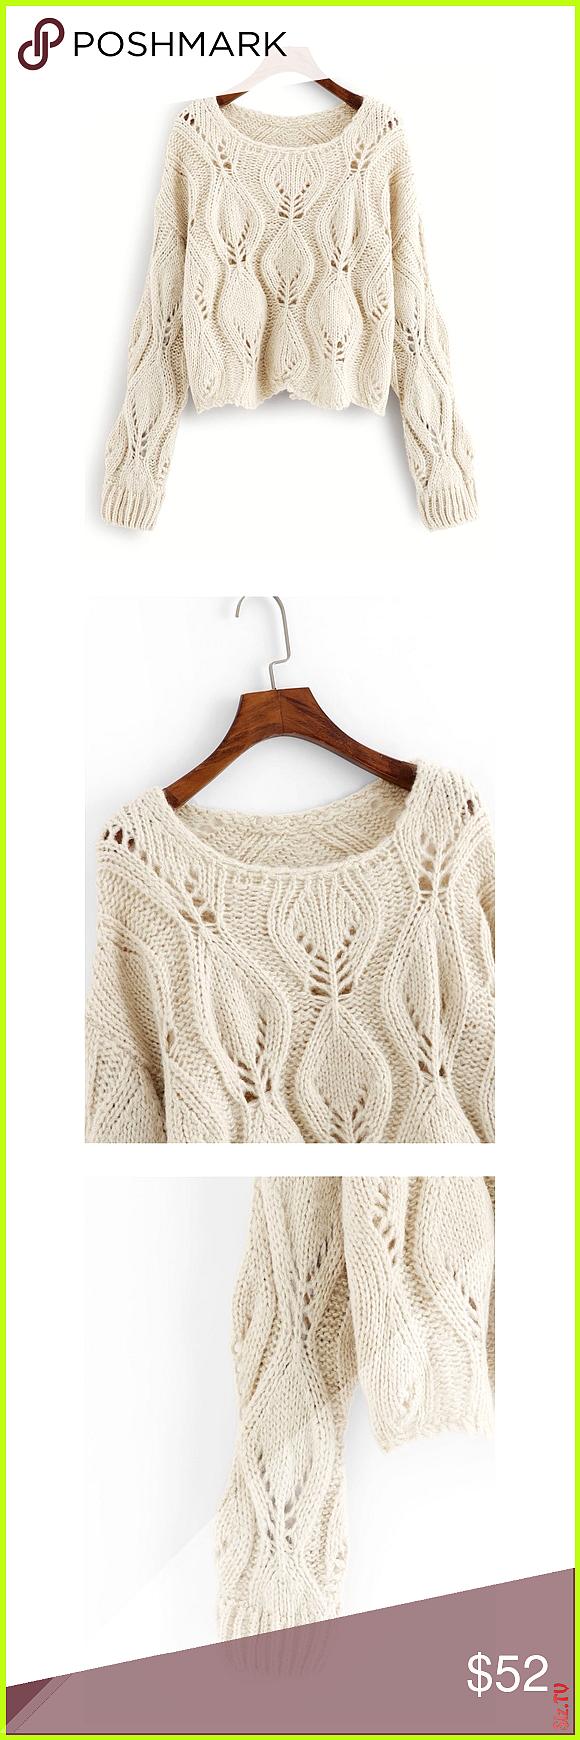 Cream Beige Round Neck Hollow Soft Sweater Round Neckline Long Sleeve Drop Shoulder Regular Fit 65 Polyester 5 Spandex 30 Cotton Spring Fall Wi Cream Beige Round Neck Hol...